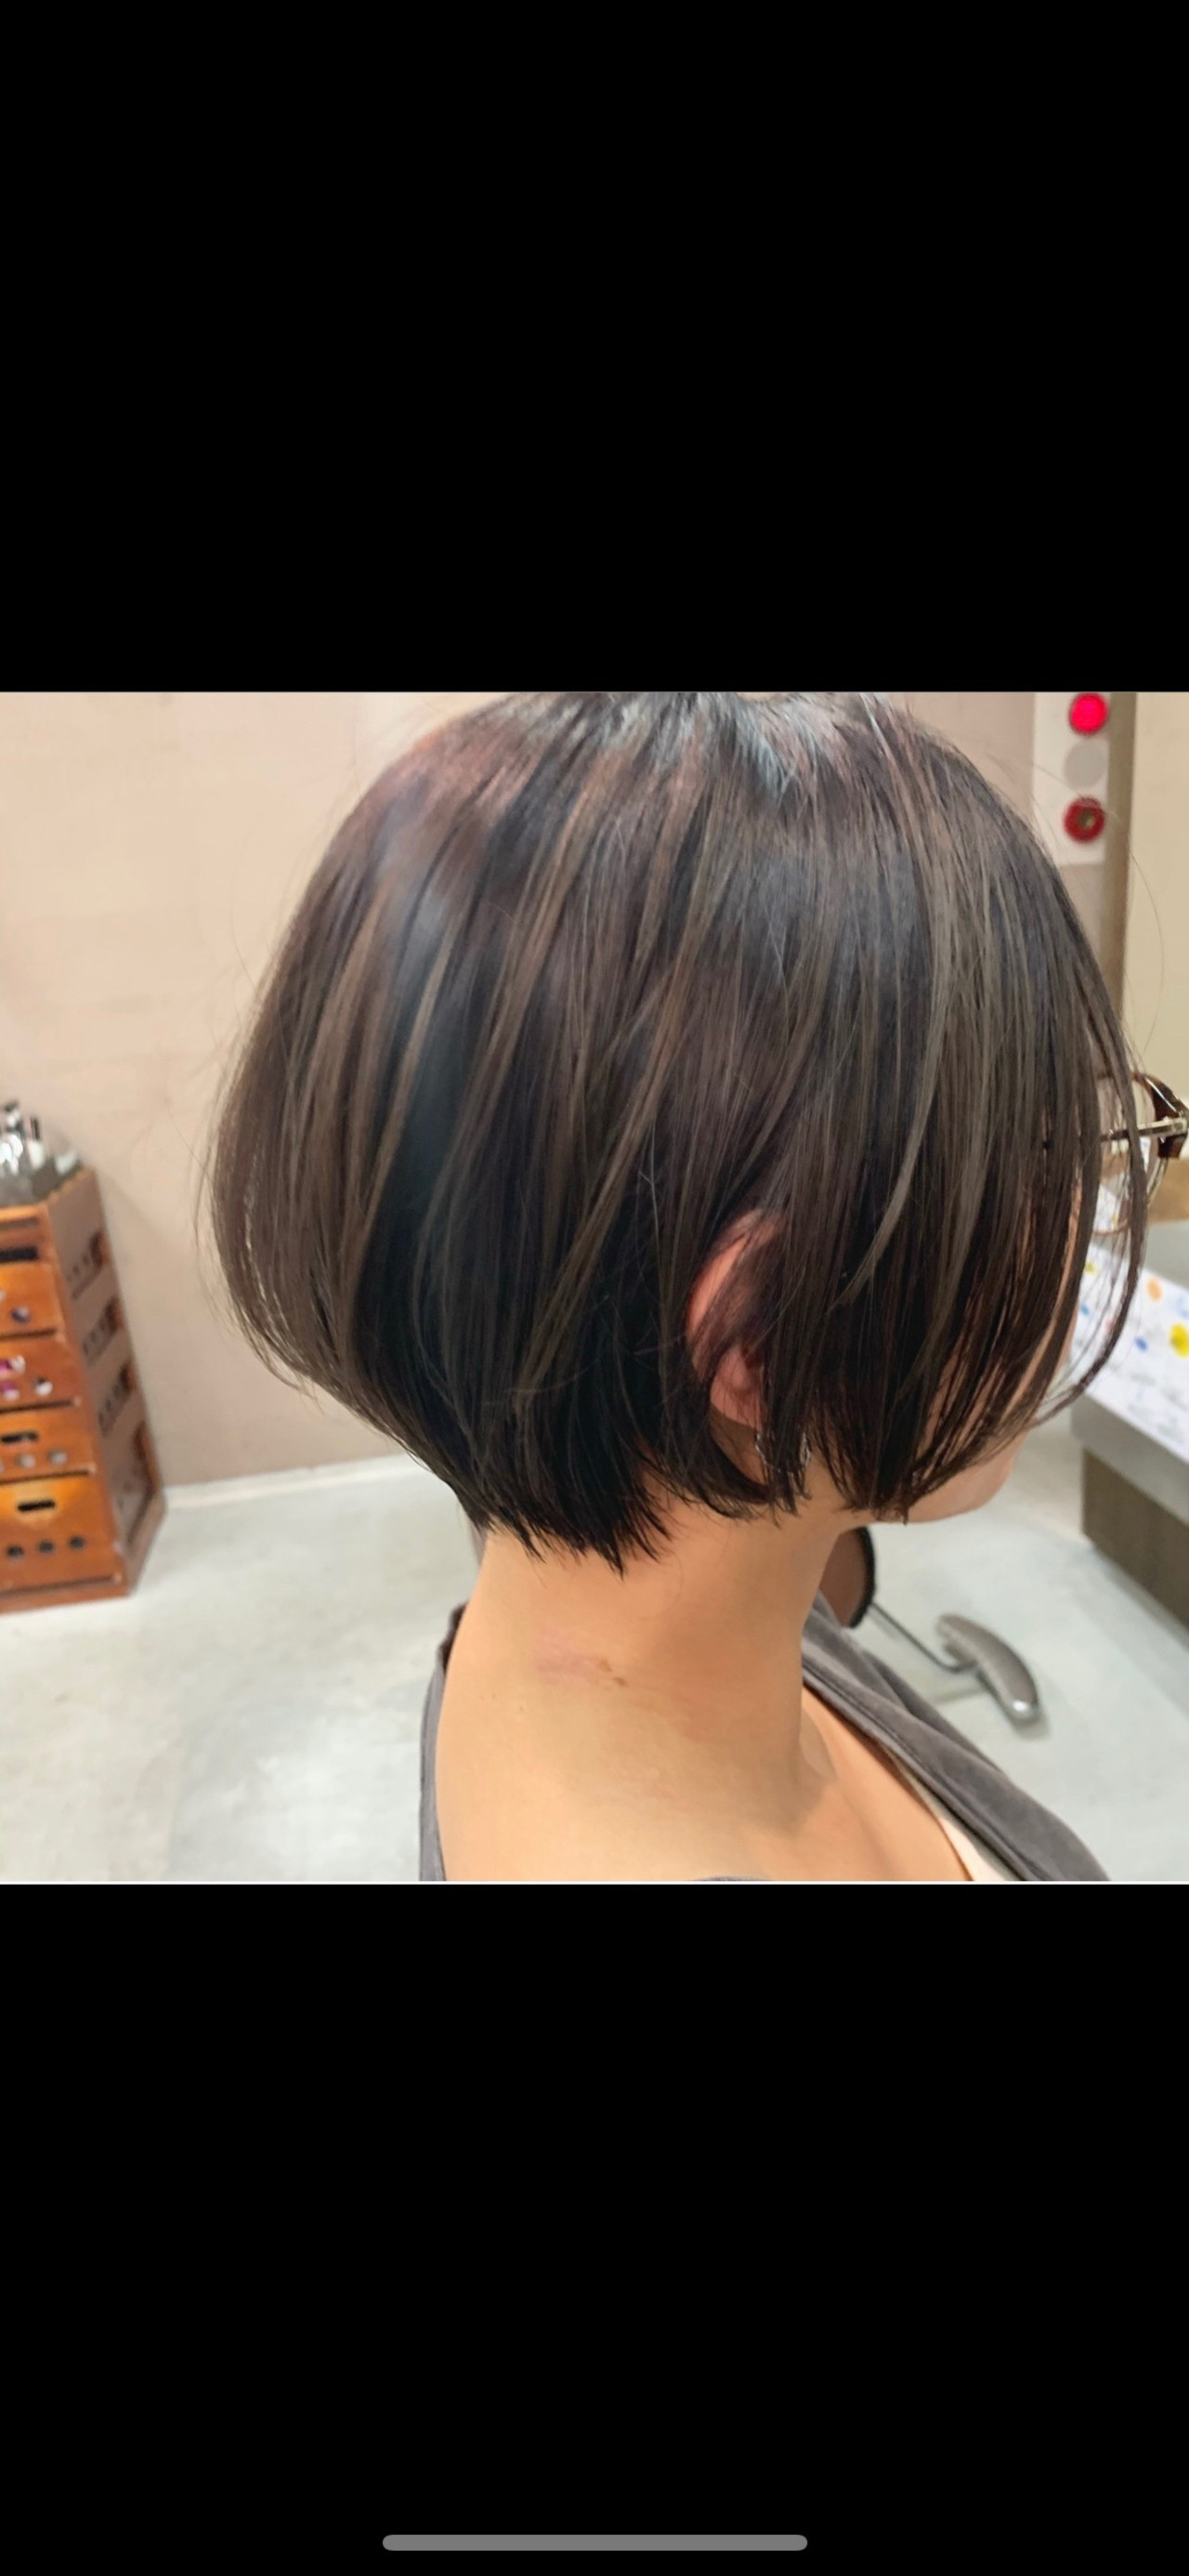 ショートヘア ショート 切りっぱなしボブ ショートボブヘアスタイルや髪型の写真・画像